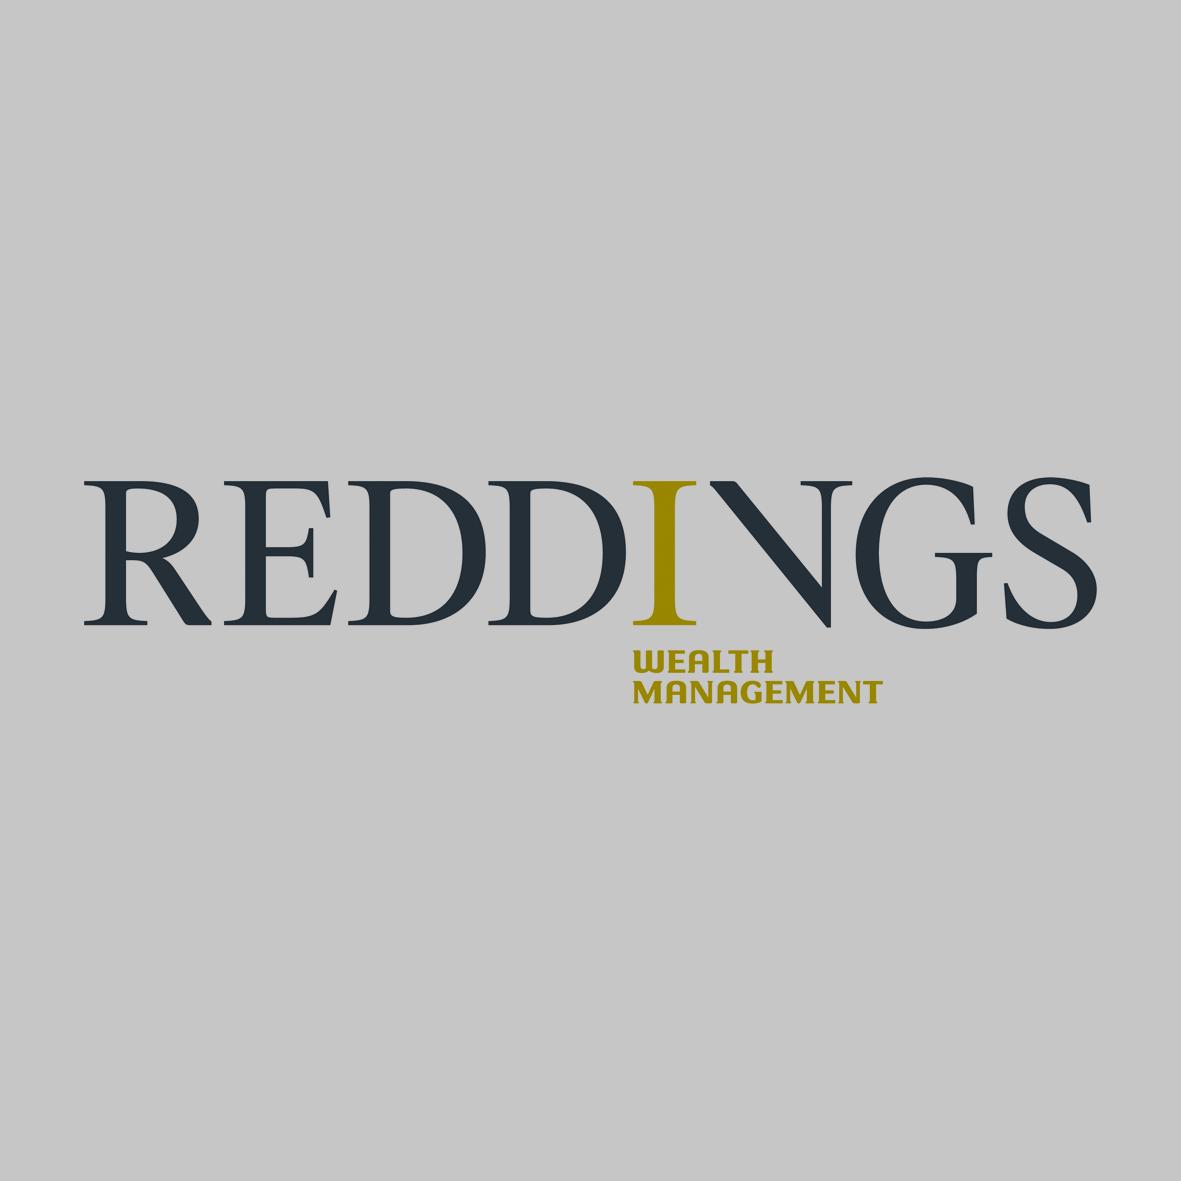 Reddings.png